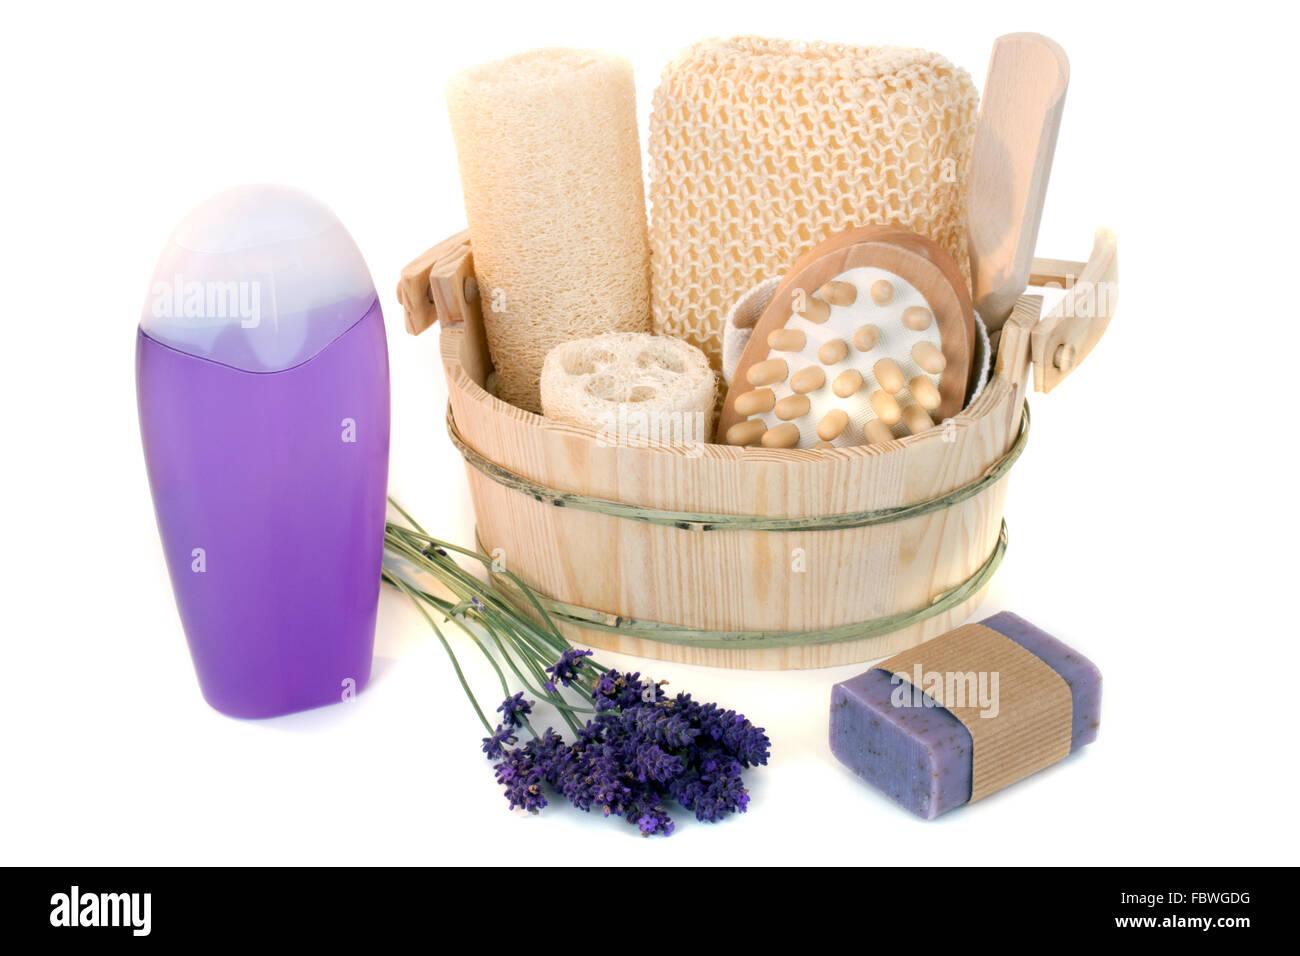 Lavender shower gel - Stock Image